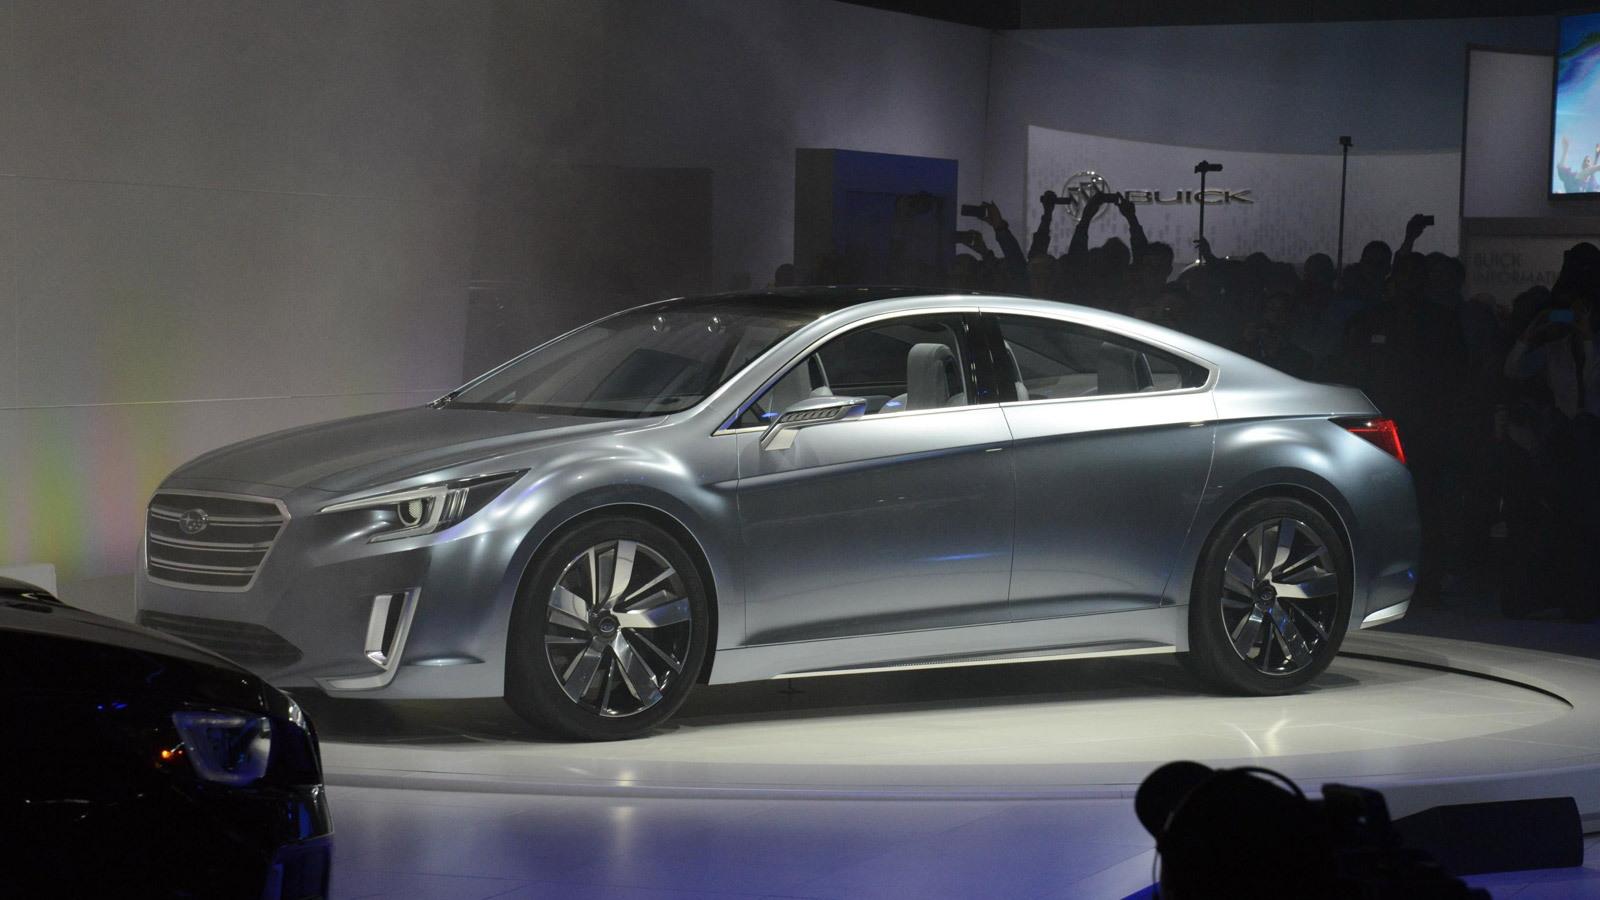 2015 Subaru Legacy concept, 2013 Los Angeles Auto Show